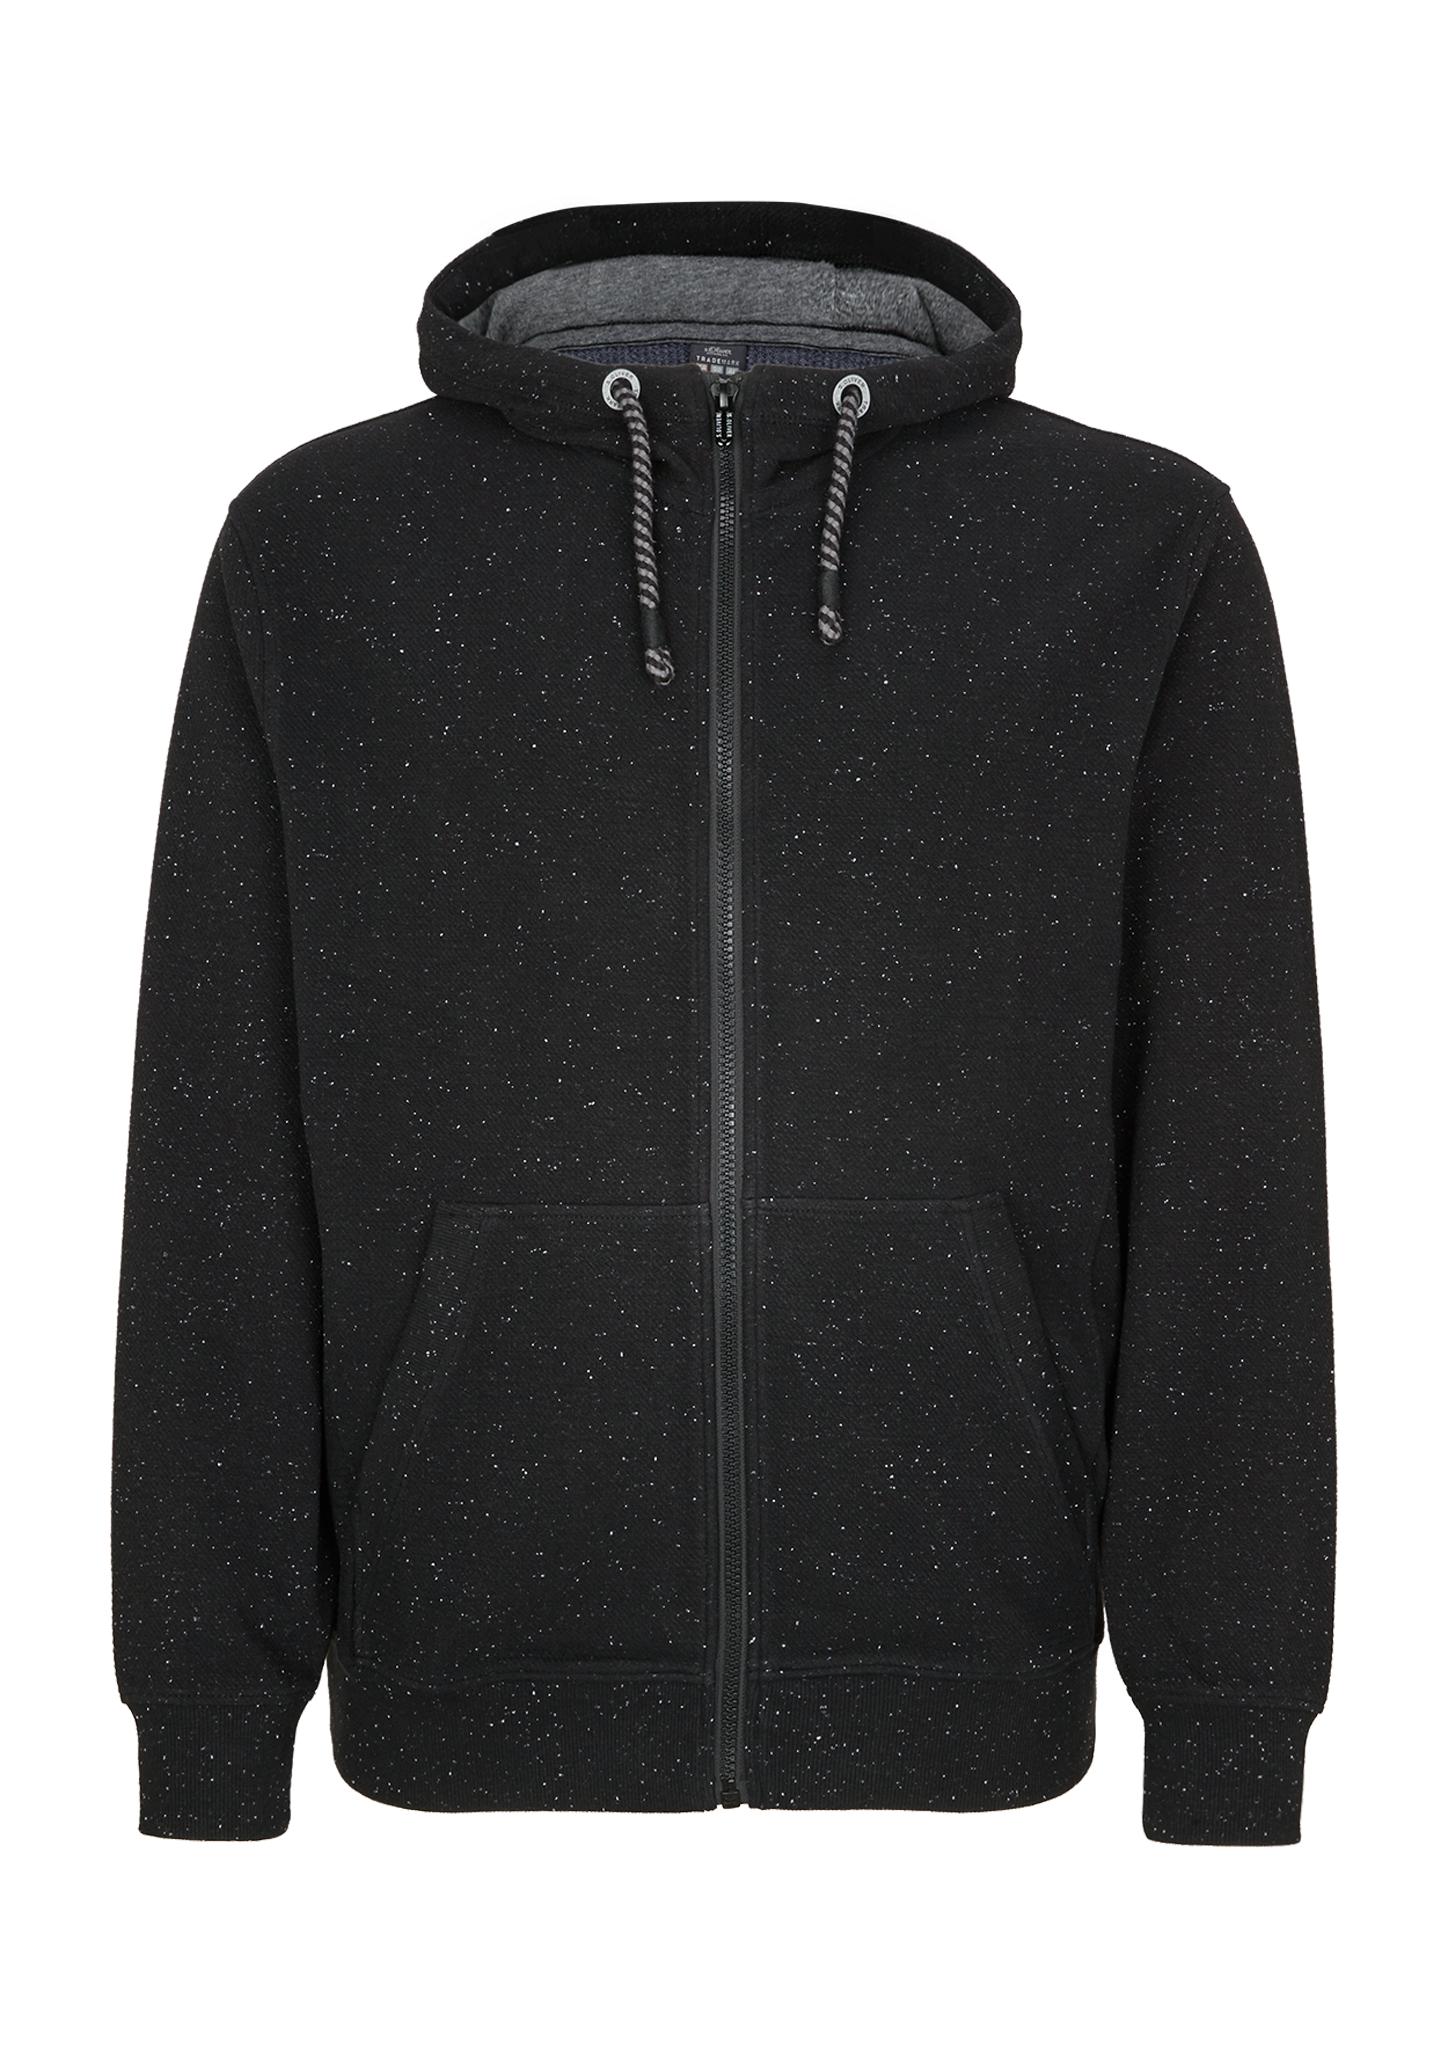 Sweatjacke | Bekleidung > Sweatshirts & -jacken > Sweatjacken | Grau | Oberstoff: 84% baumwolle -  13% polyester -  3% elasthan| manschette/bund: 89% baumwolle -  7% polyester -  4% elasthan | s.Oliver Men Big Sizes